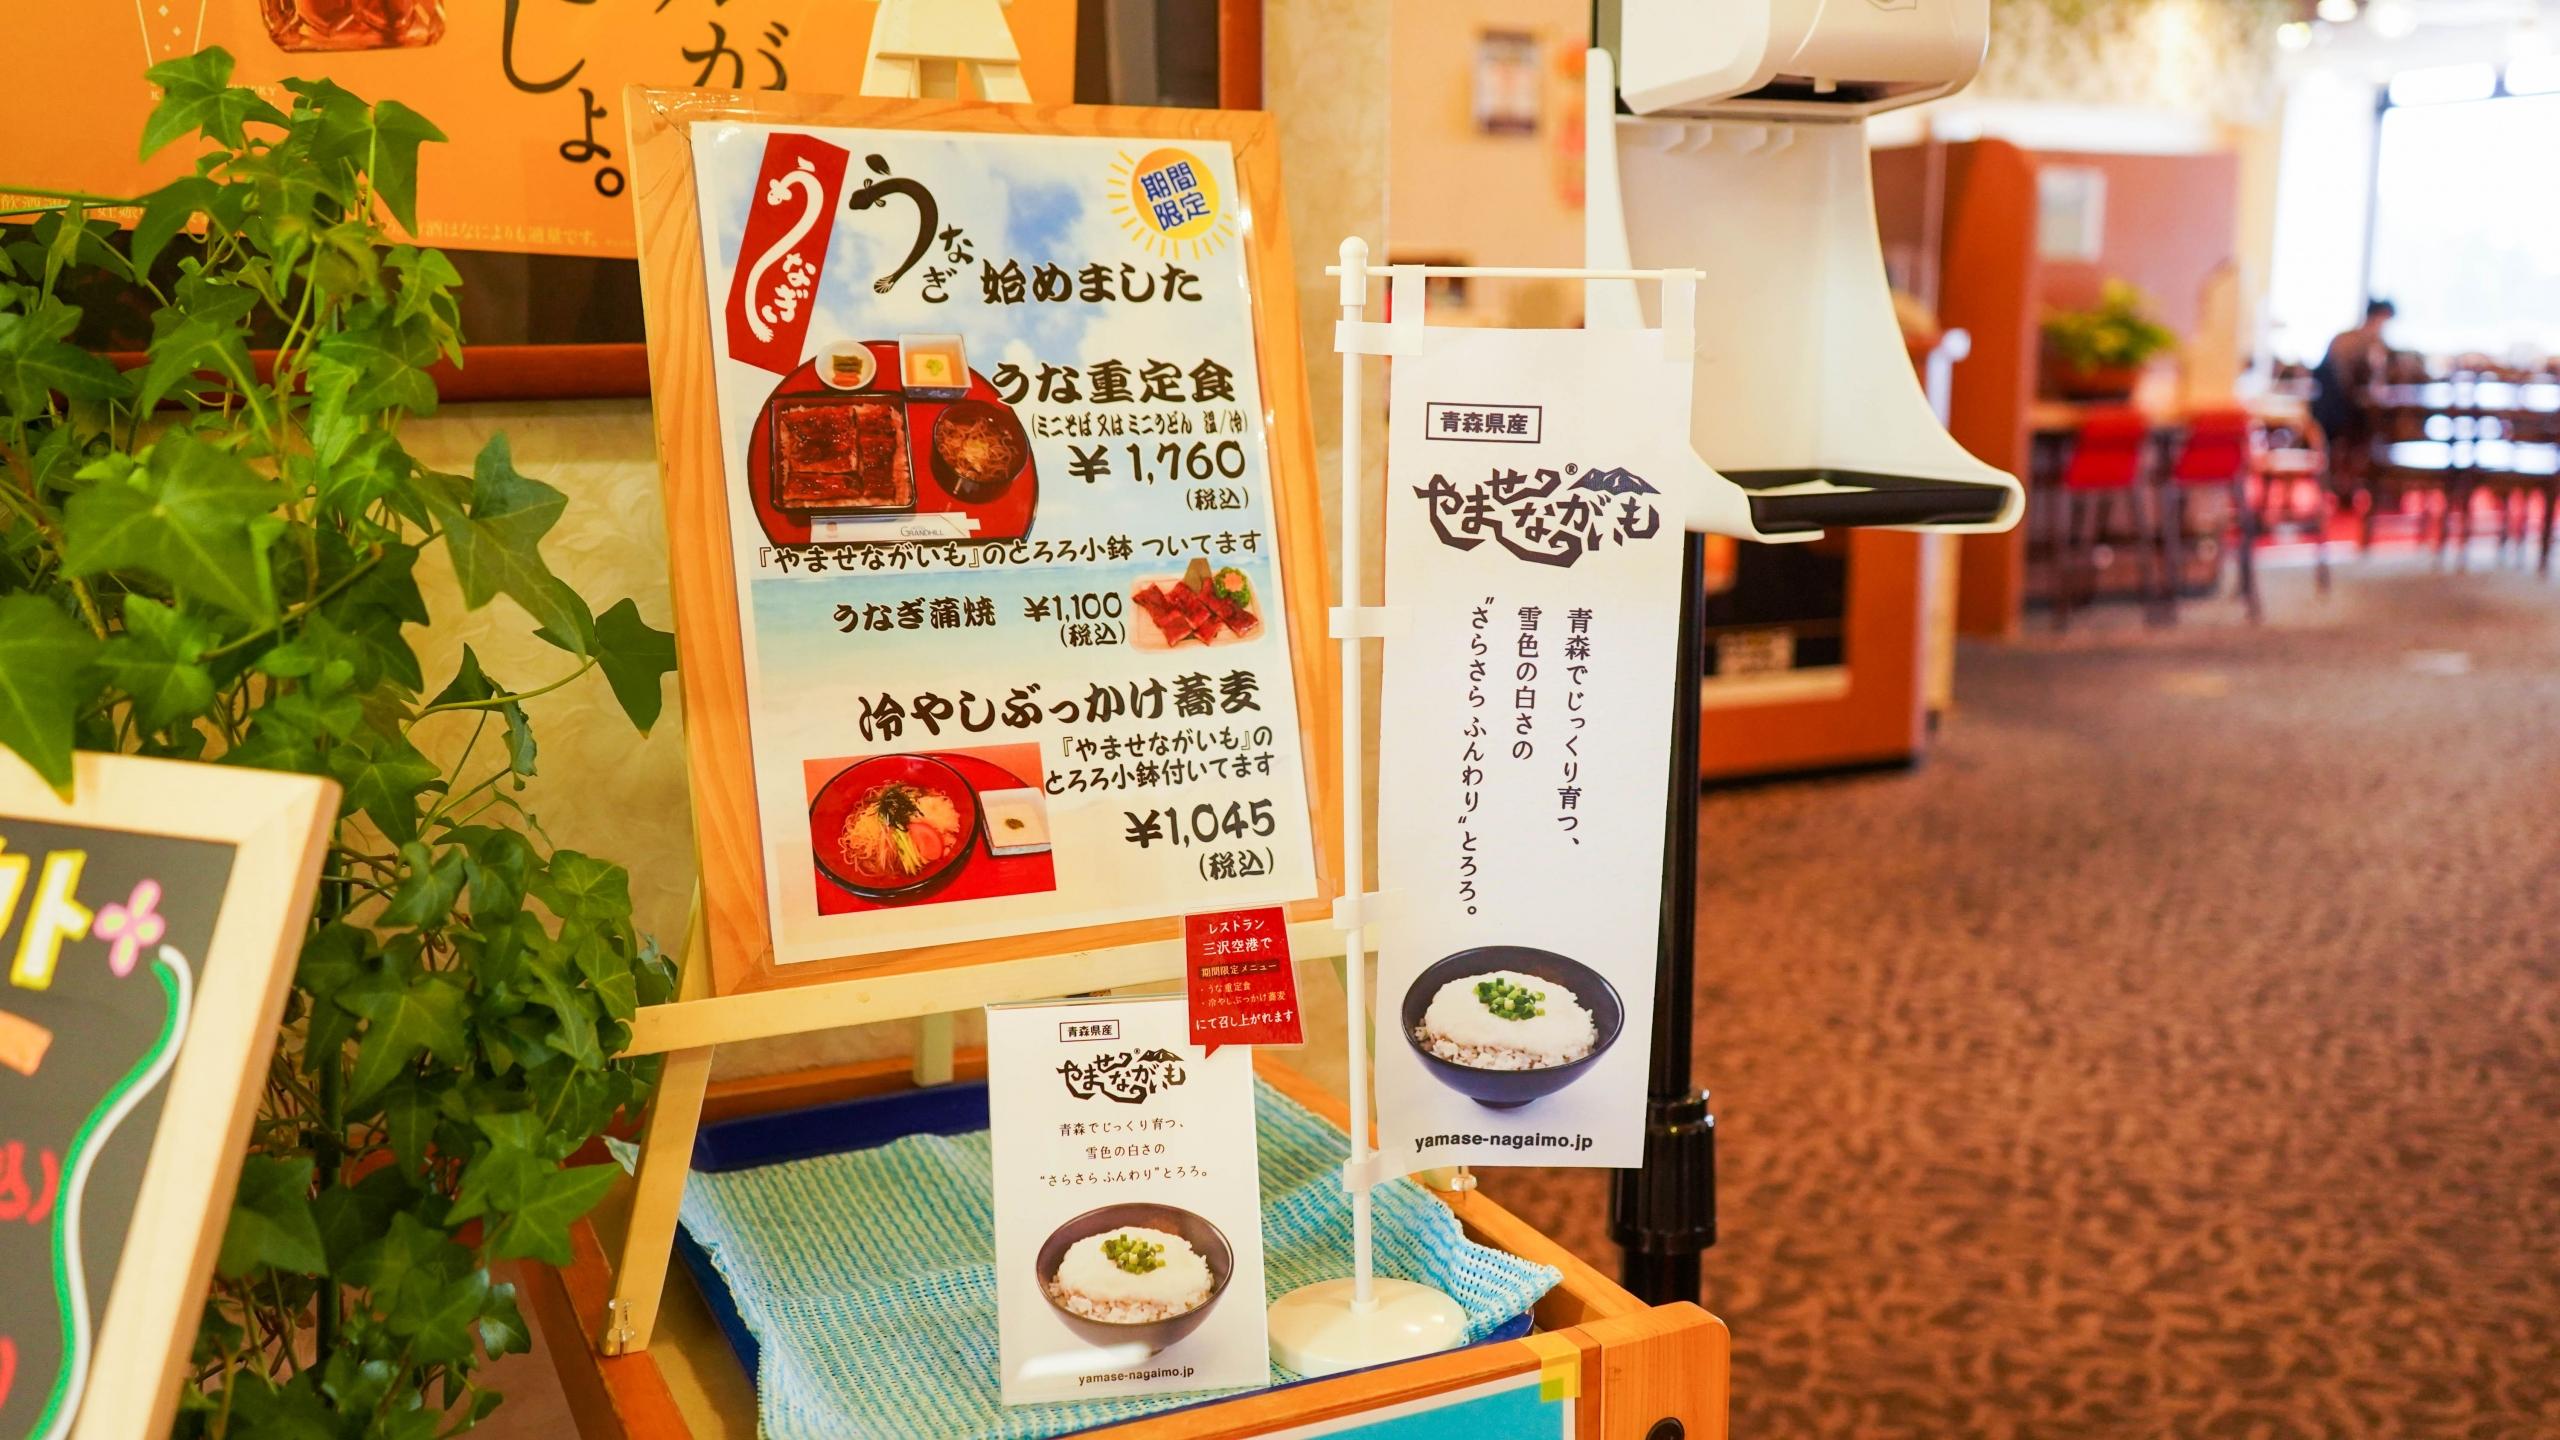 レストラン三沢空港にて、やませながいものメニューが登場しました!